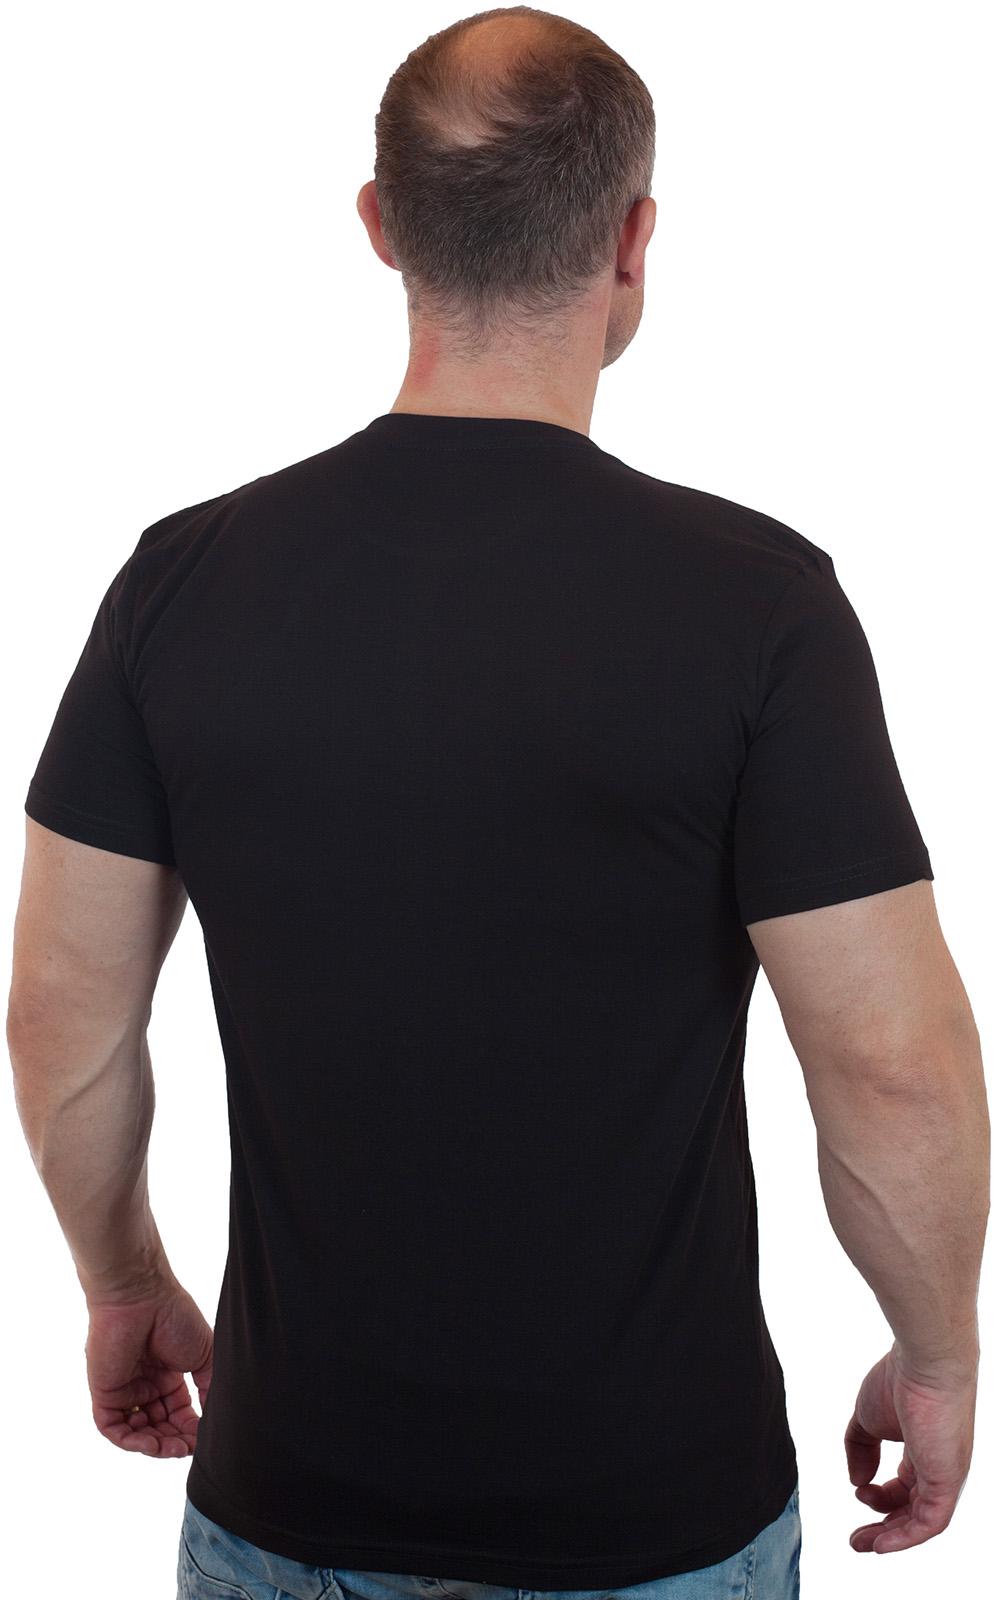 Черная мужская футболка Новороссия: Воля и Труд!